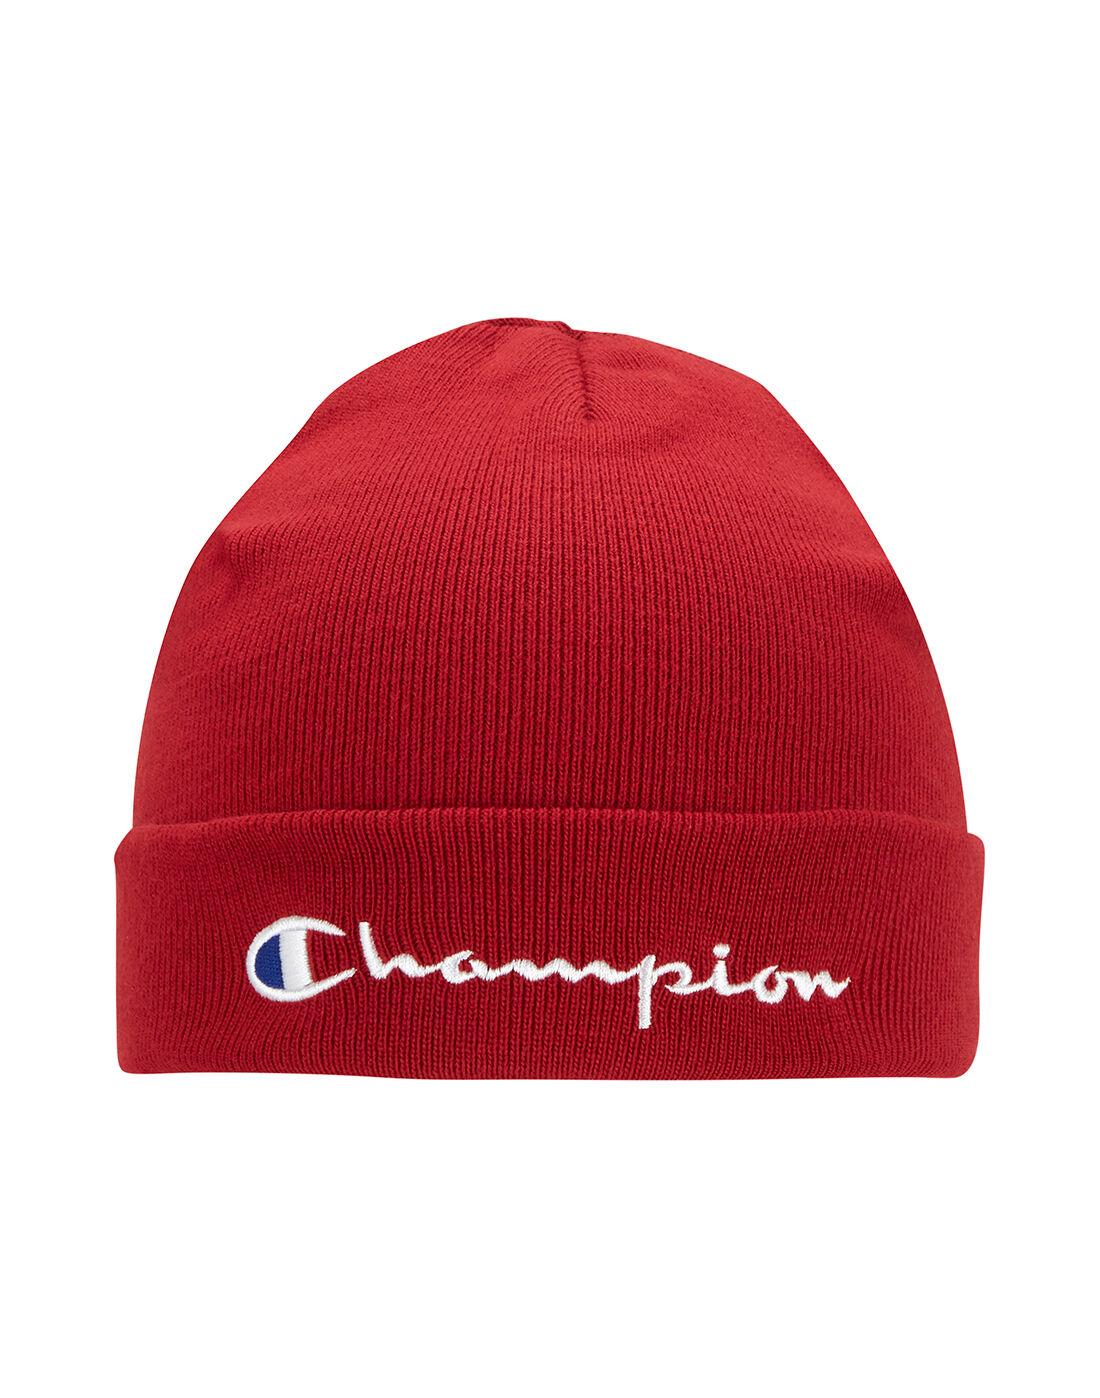 a591b54937ff59 ... amazon champion. logo knit 2dfcd 8542d